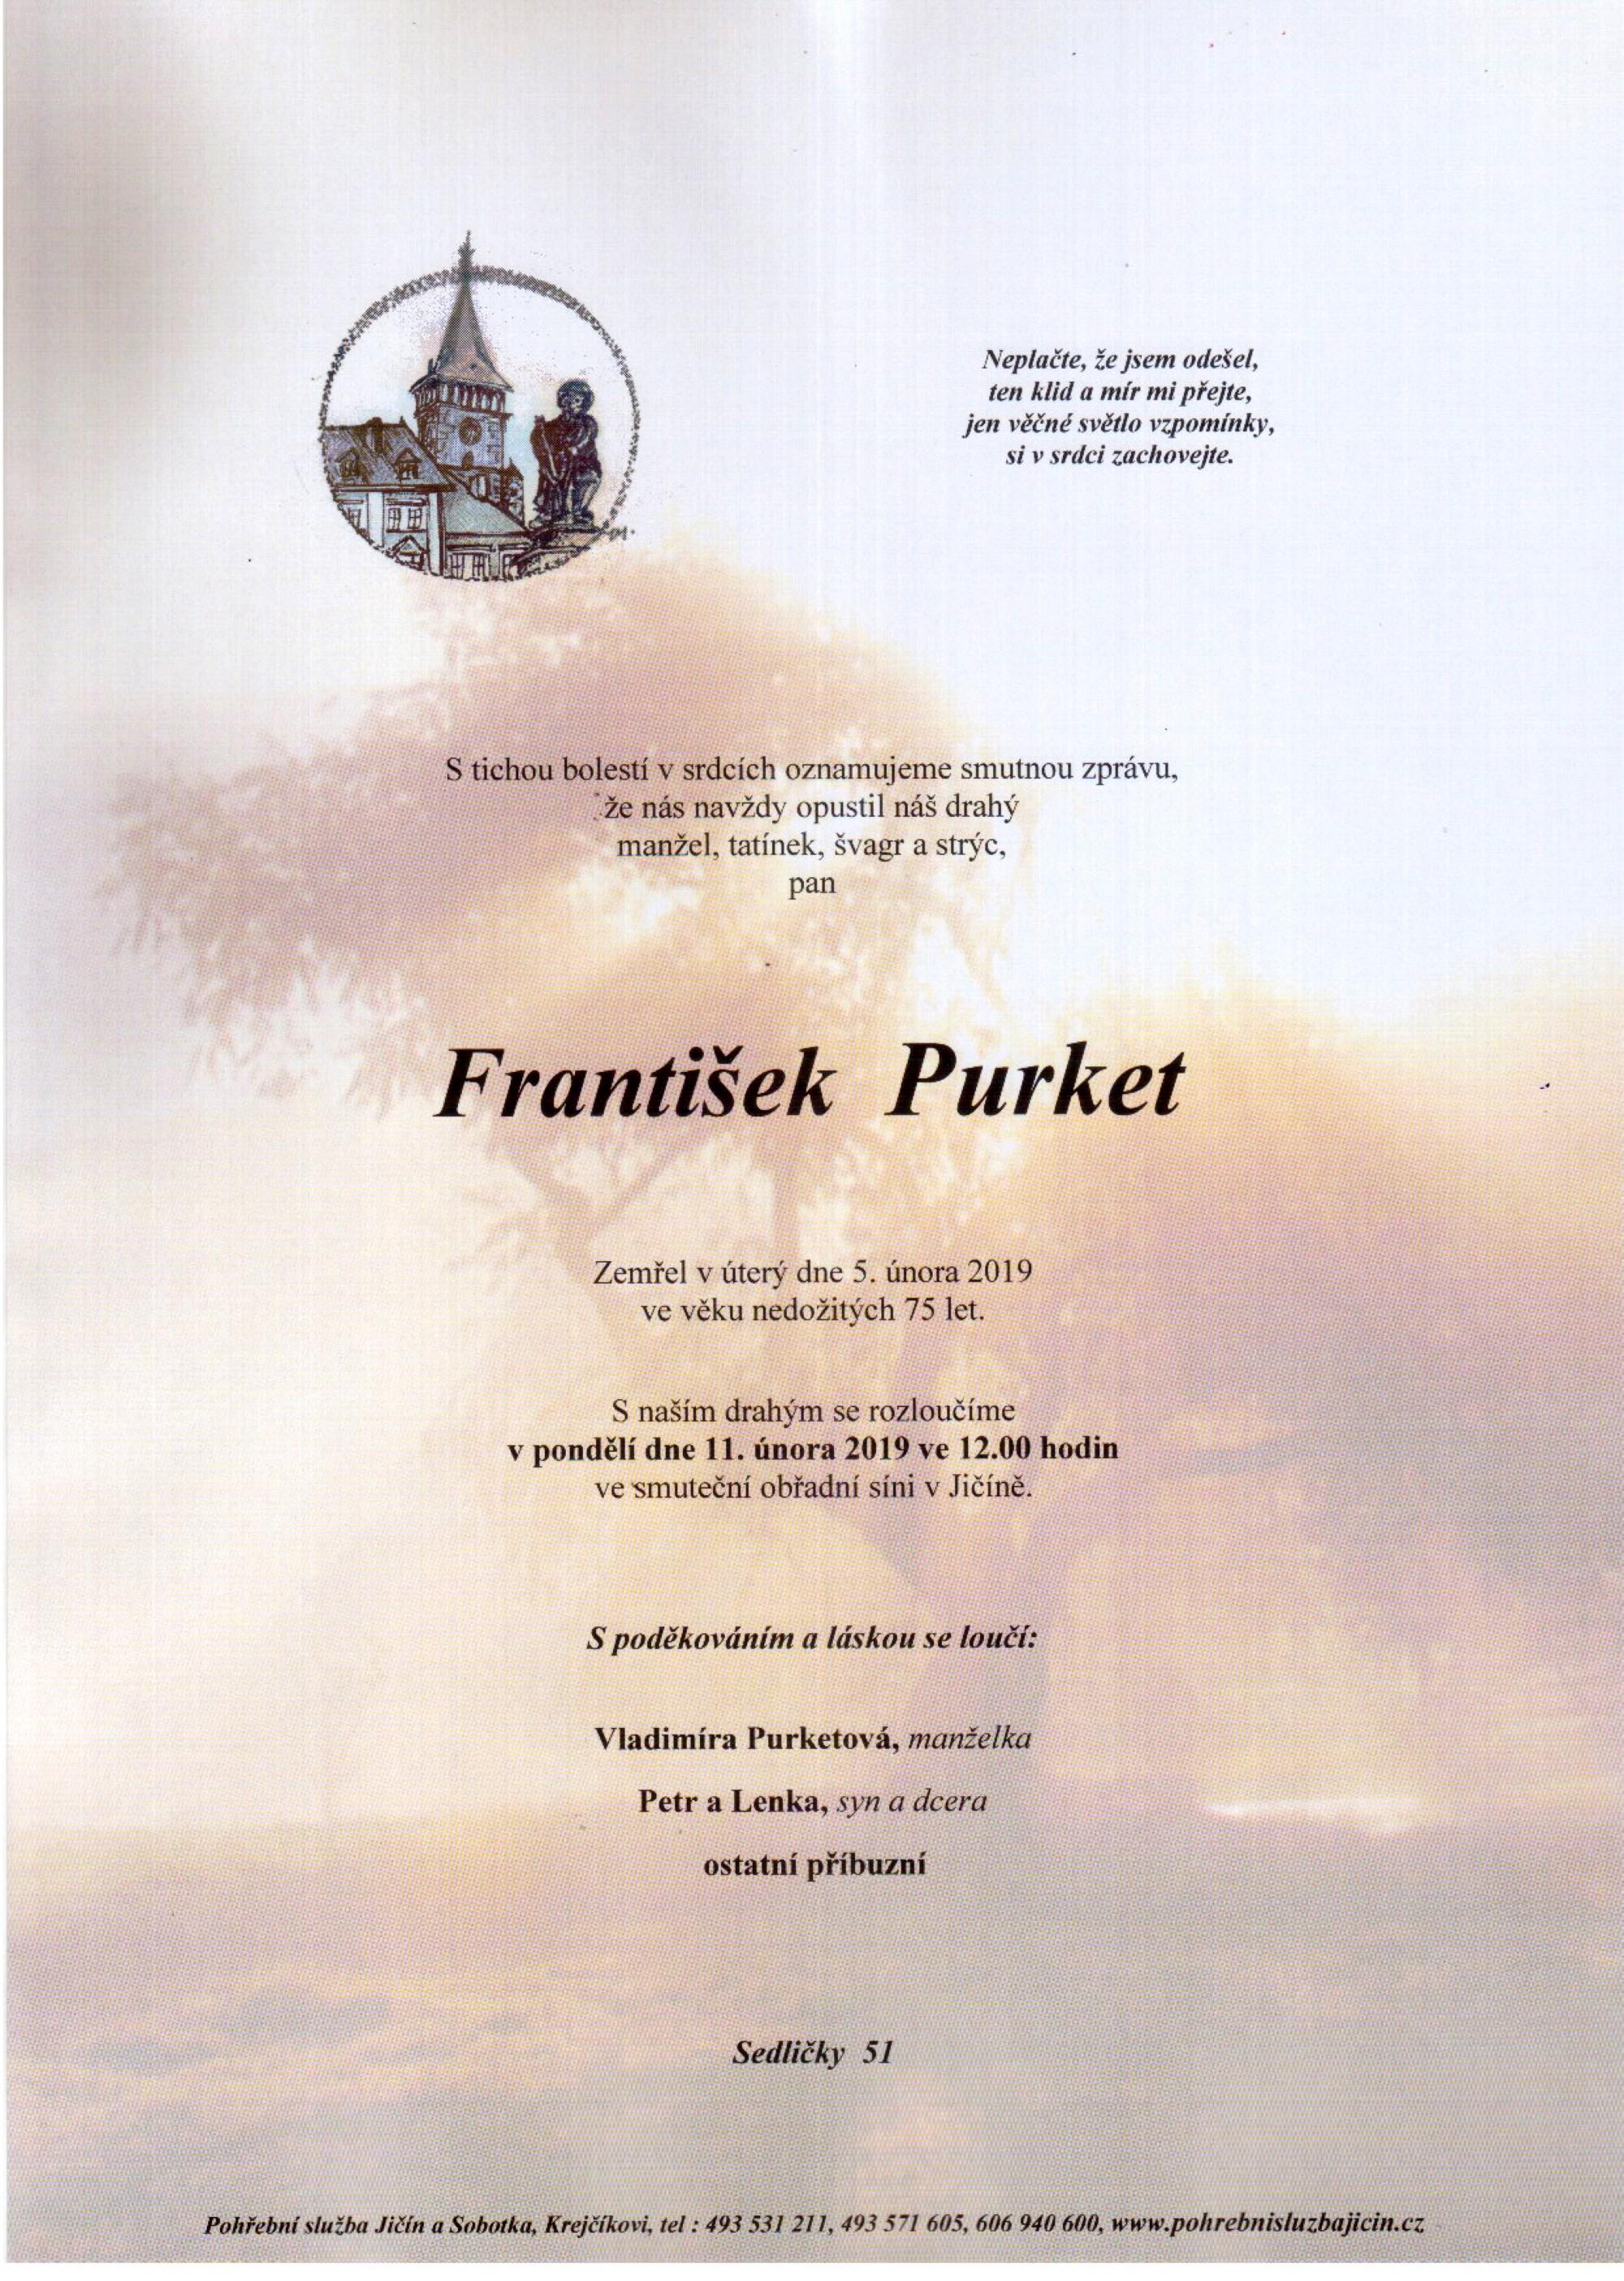 František Purket